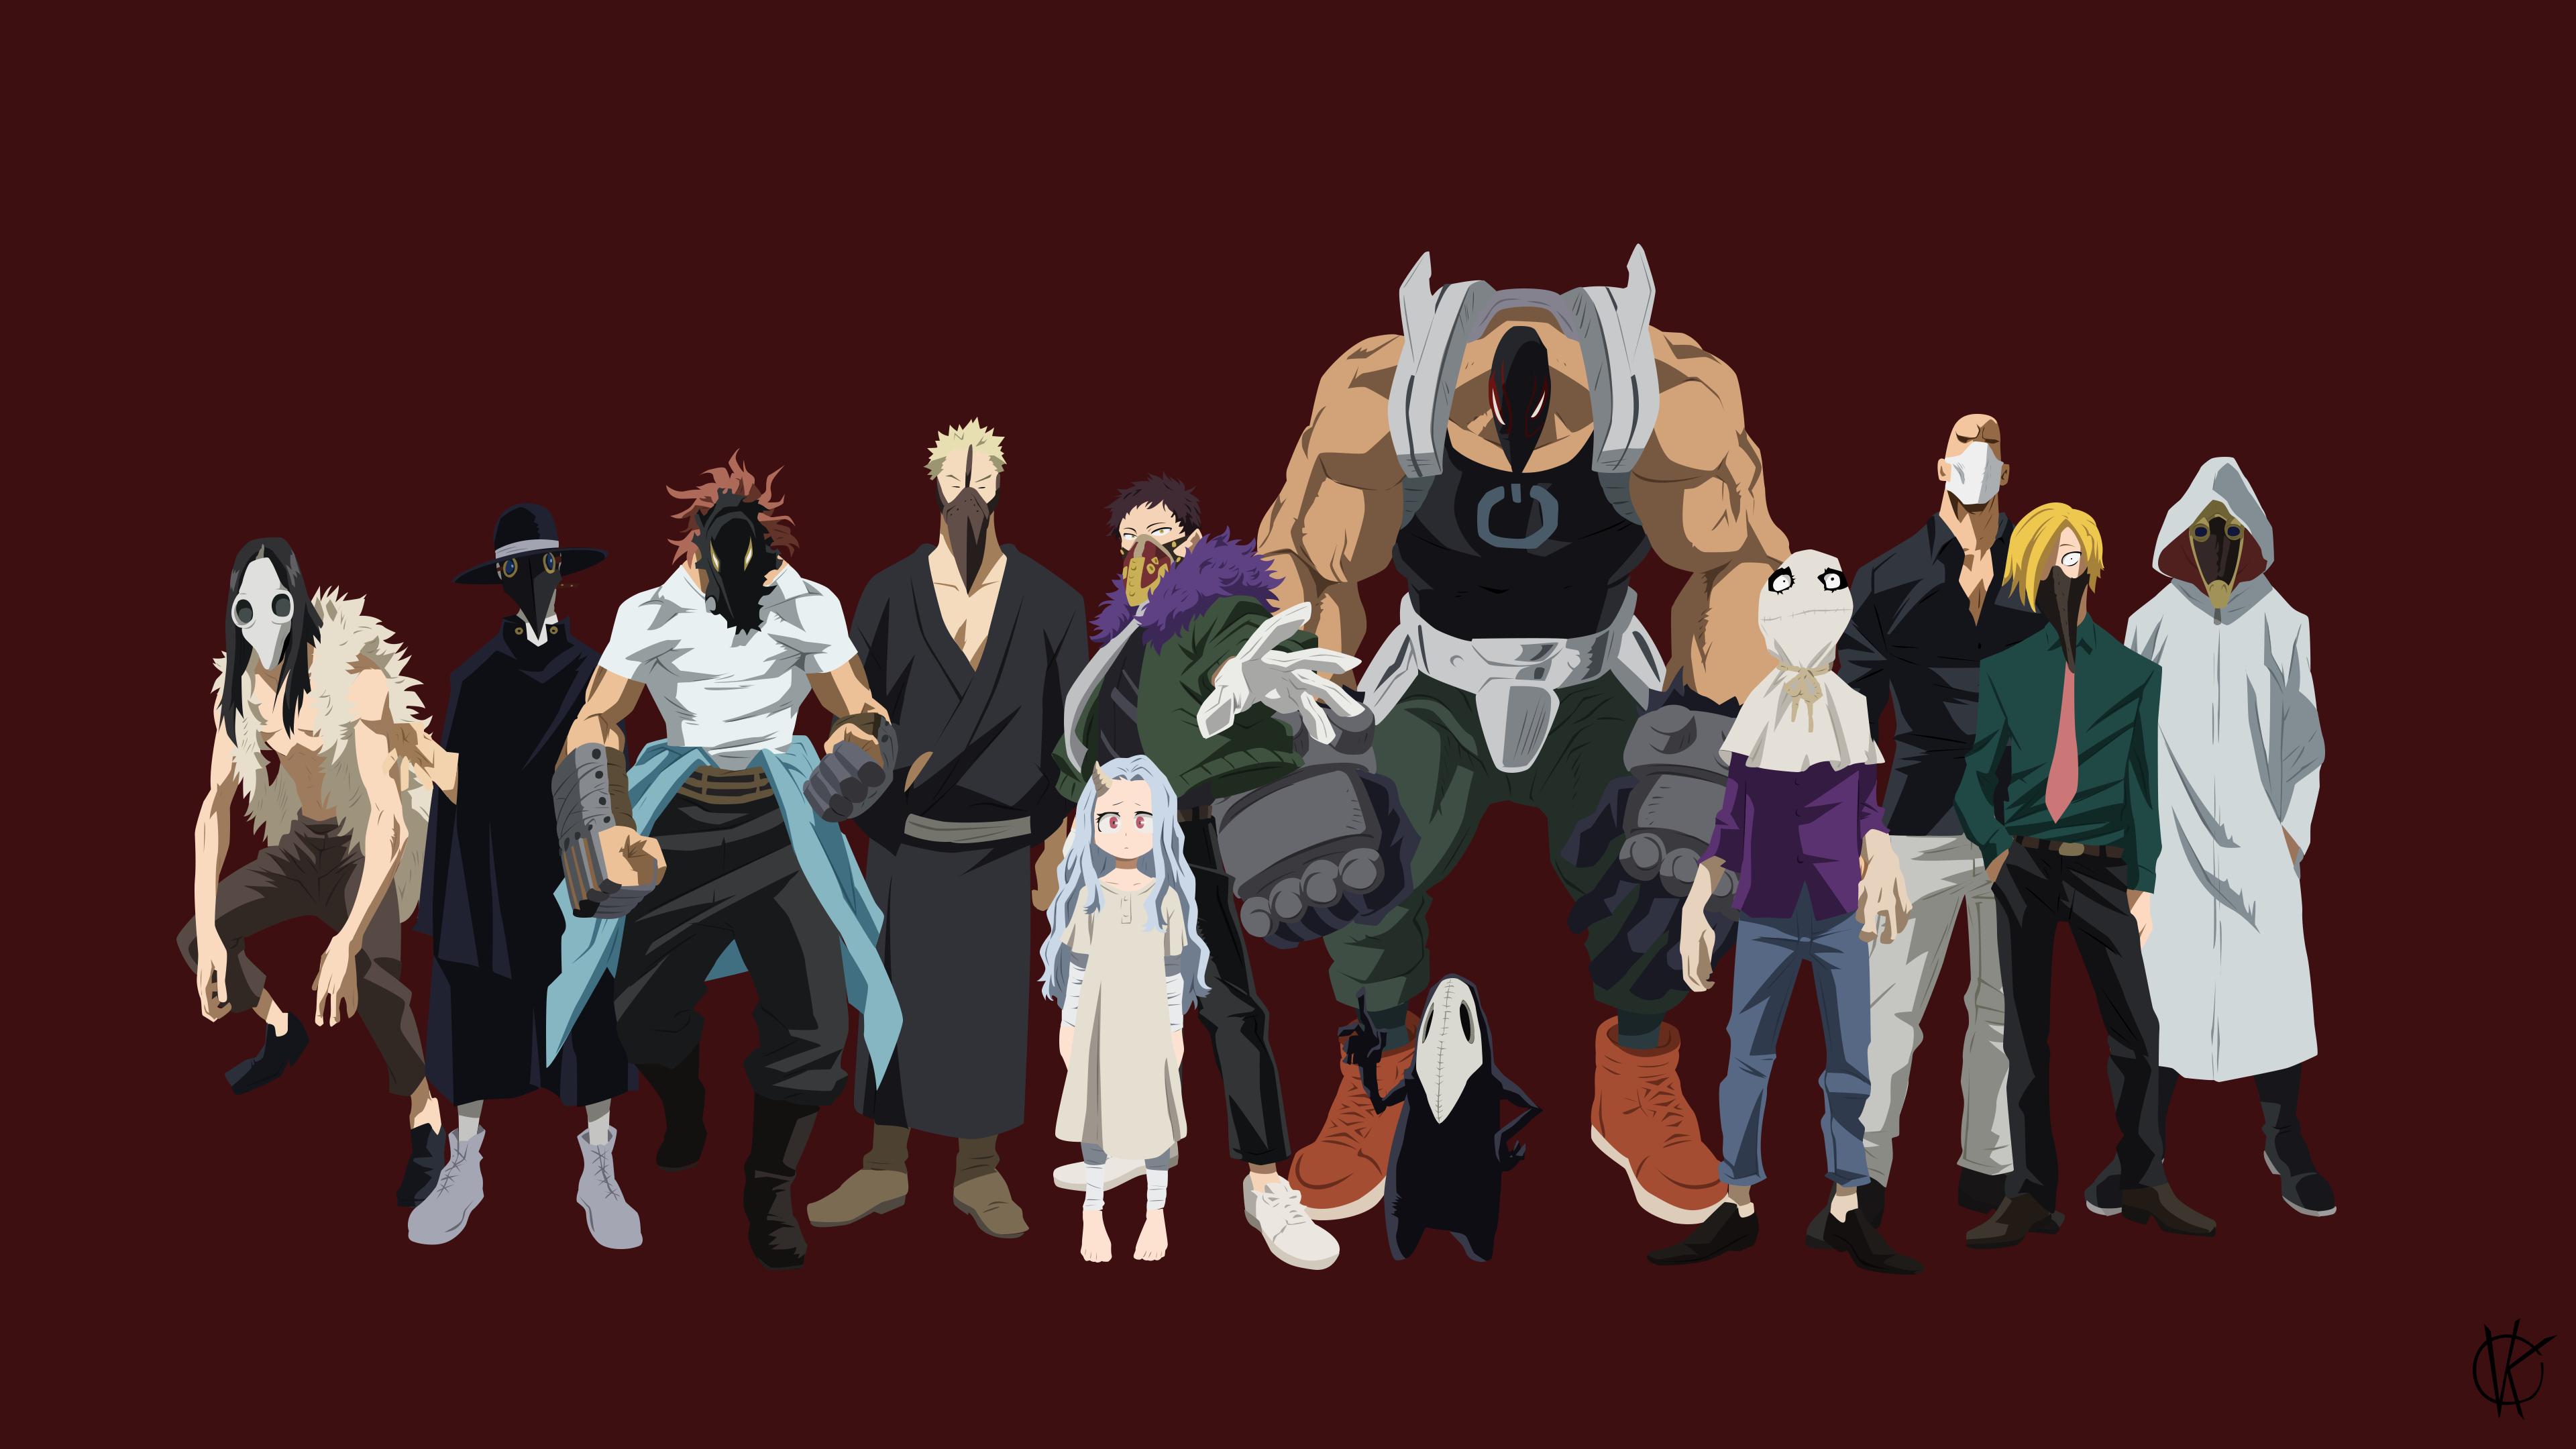 My Hero Academia 4k Ultra Hd Wallpaper Background Image 3840x2160 Id 1060043 Wallpaper Abyss Visualizza altre idee su kendo, hunter x hunter, schizzo con anime. my hero academia 4k ultra hd wallpaper